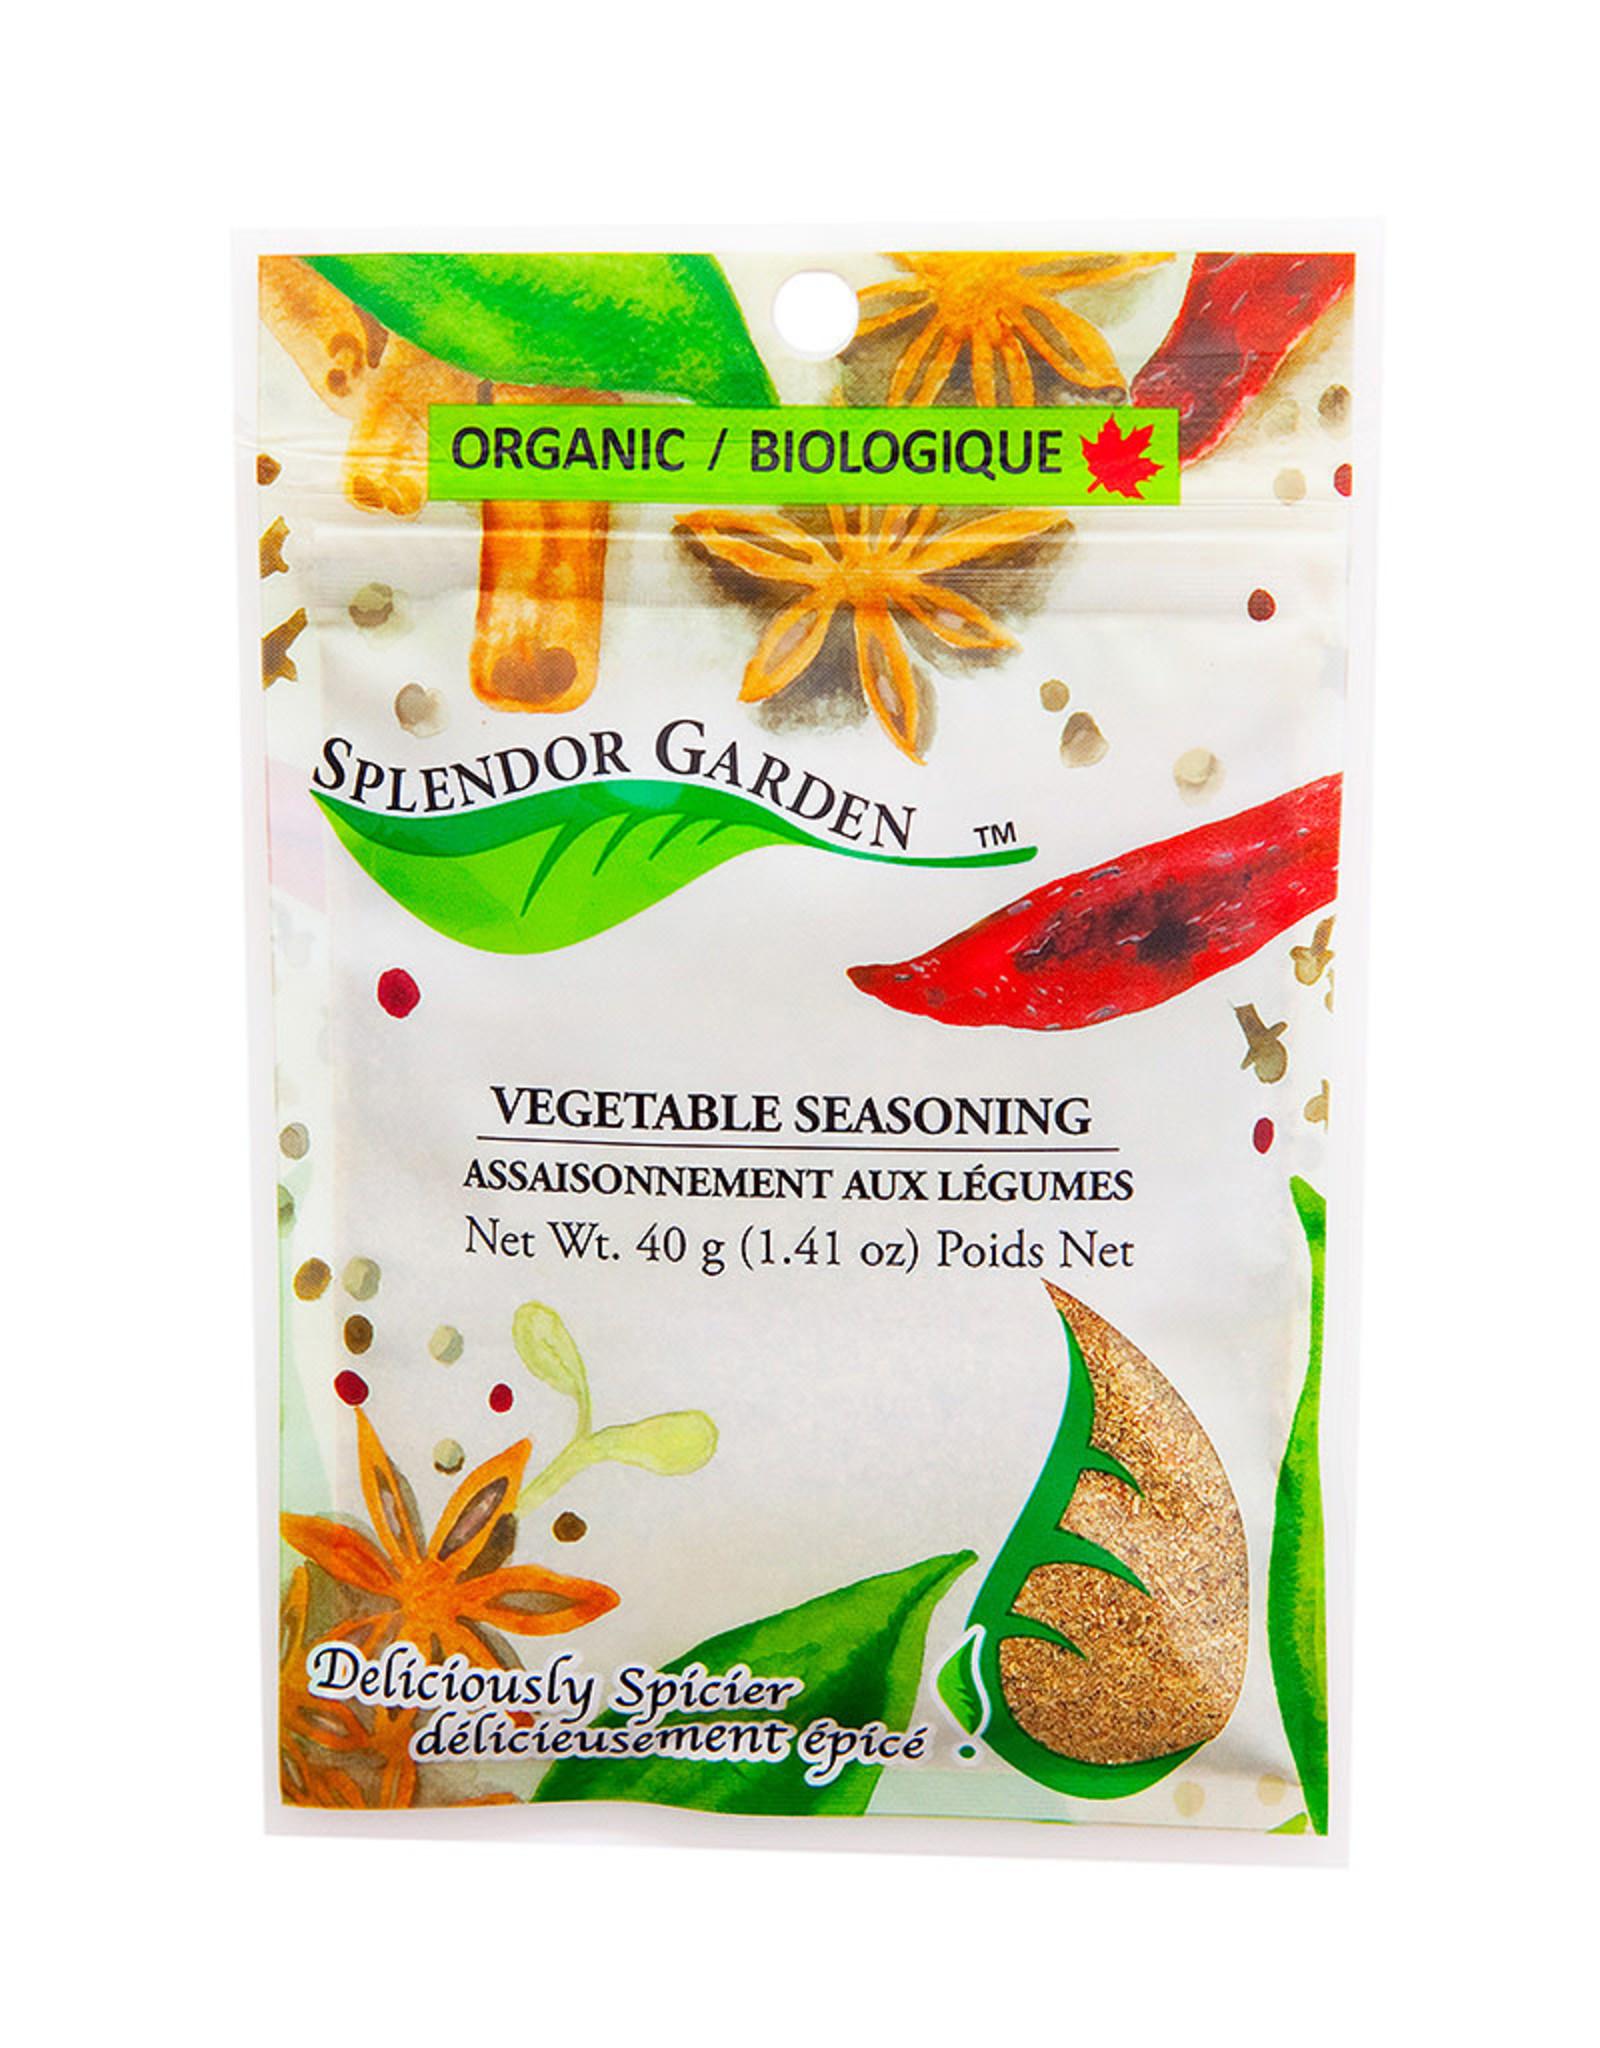 Splendor Garden Splendor Garden - Vegetable Seasoning